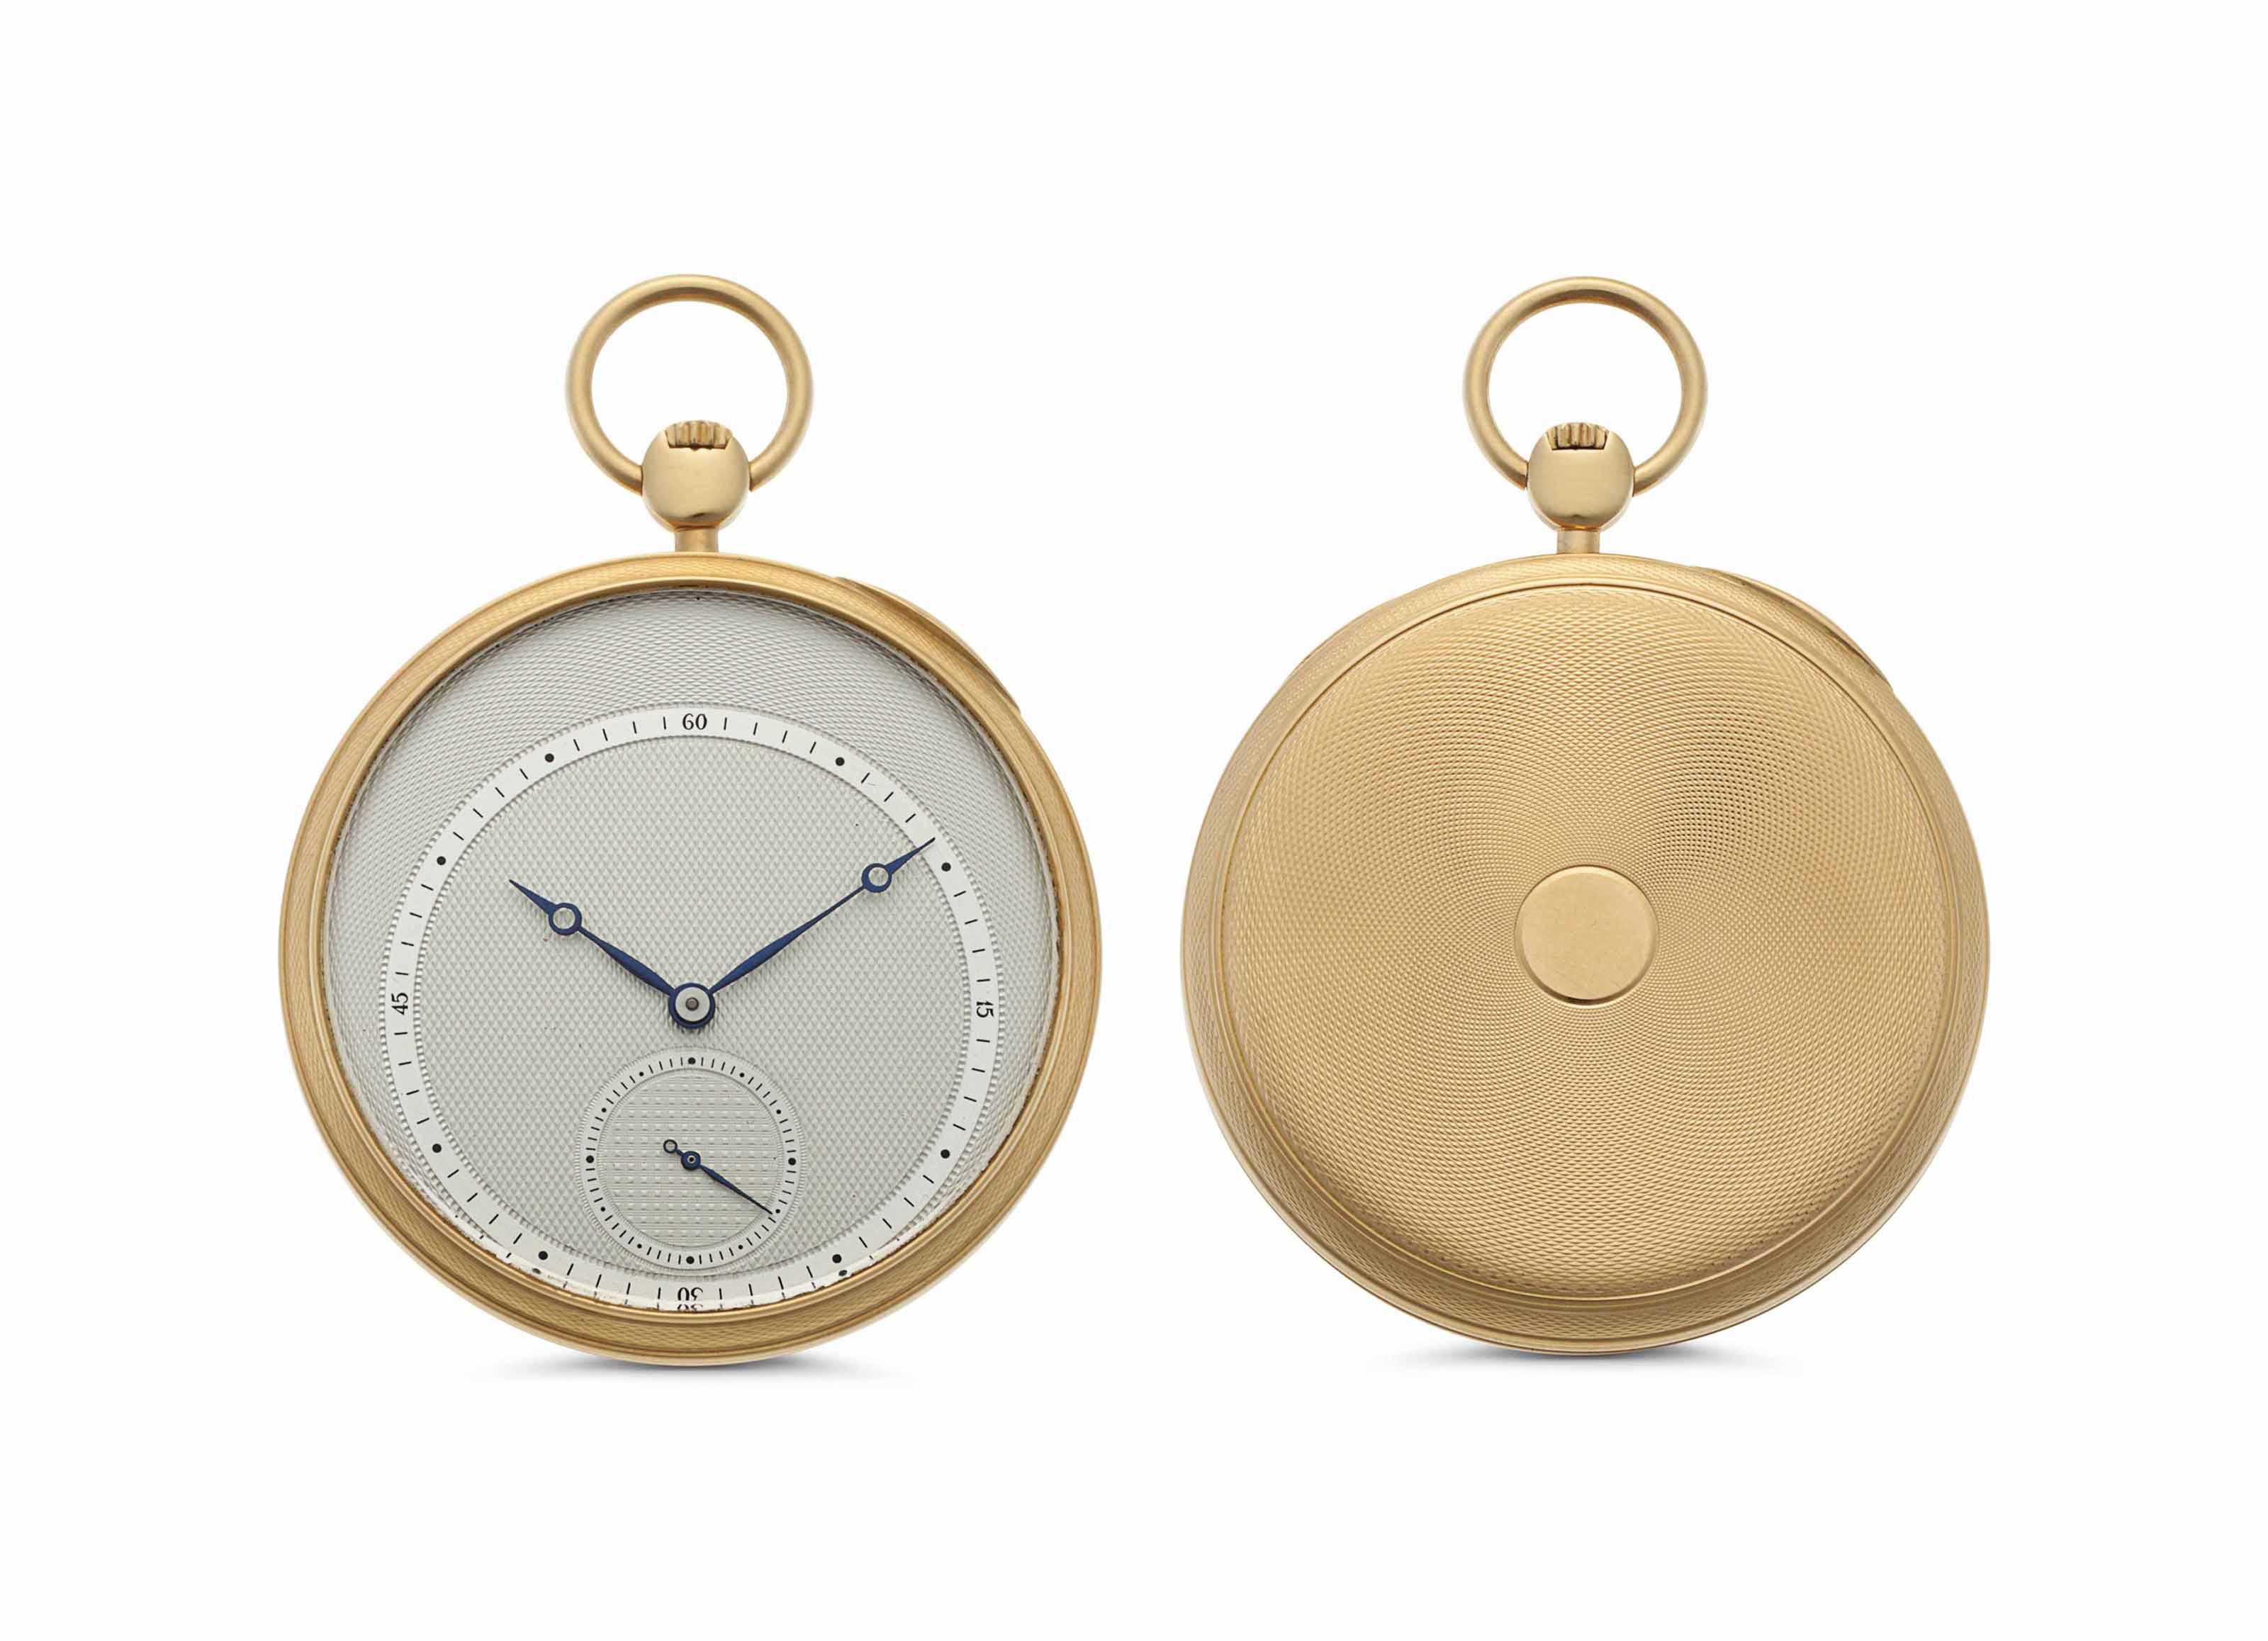 Comor. An 18k Gold Openface Keyless Lever Pocket Watch